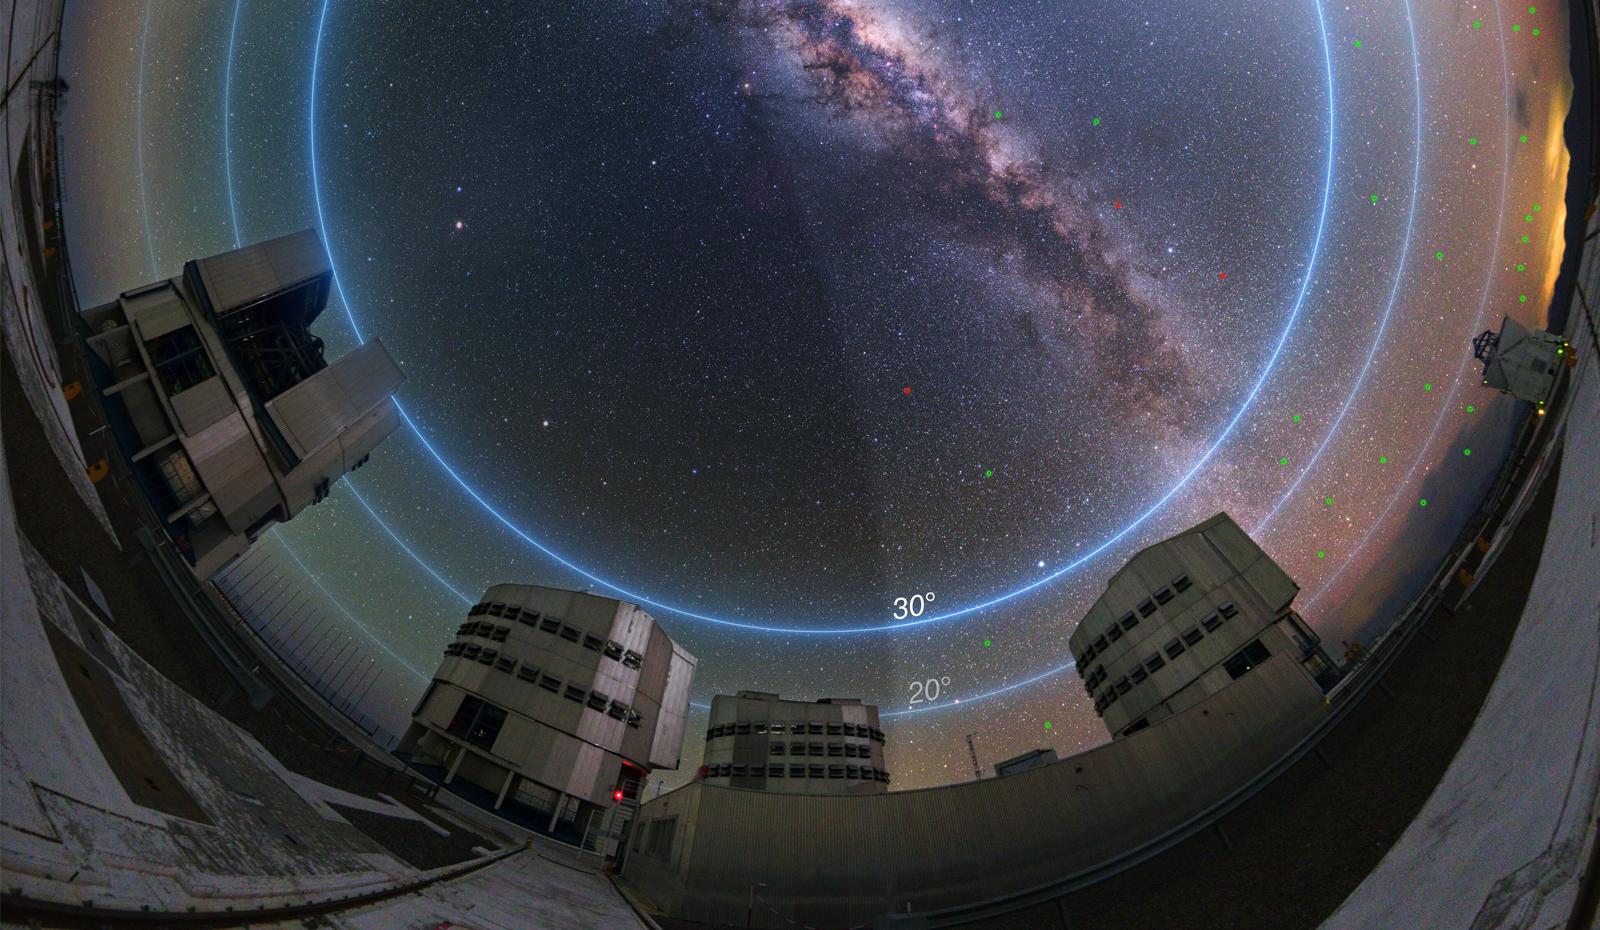 L'impact des méga-constellations de satellites sur l'astronomie